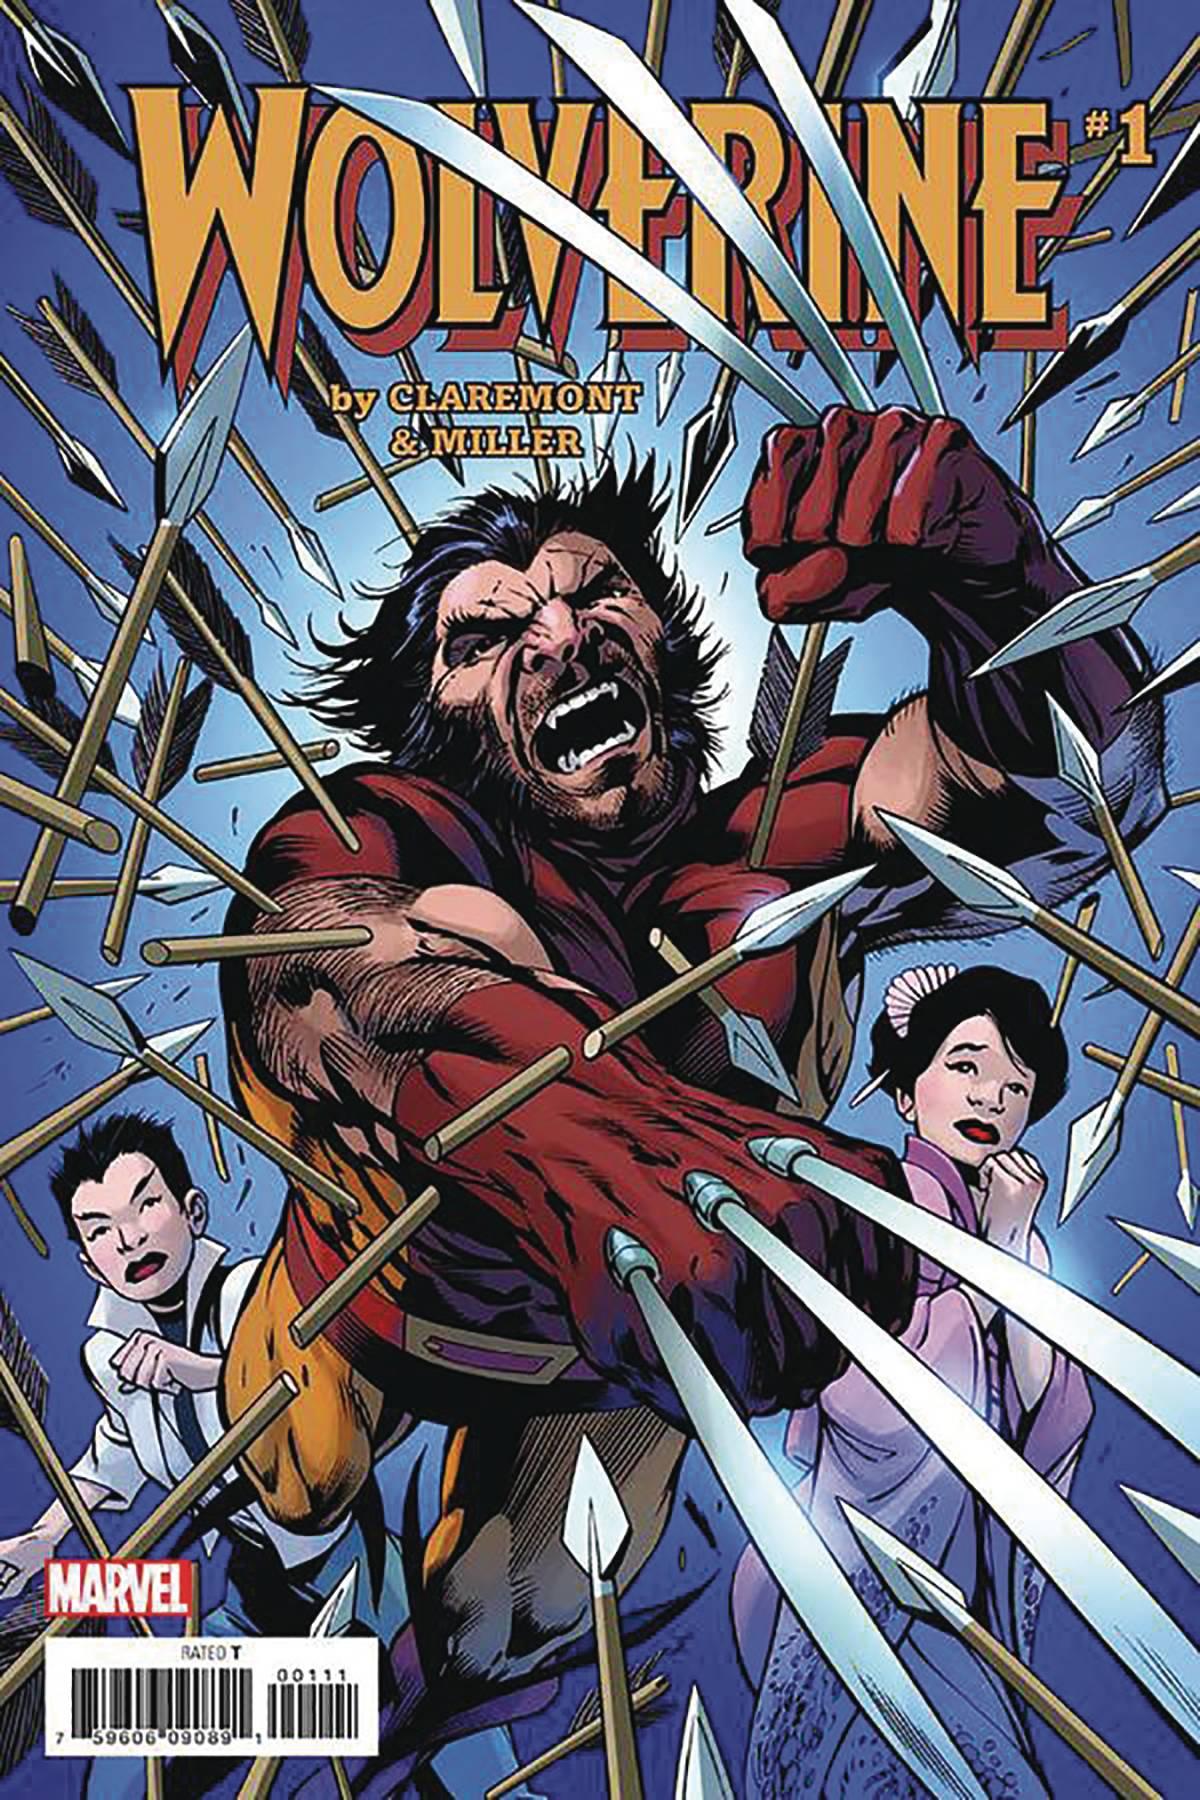 Wolverine Beard Comic : wolverine, beard, comic, JAN201743, WOLVERINE, DAVIS, Previews, World